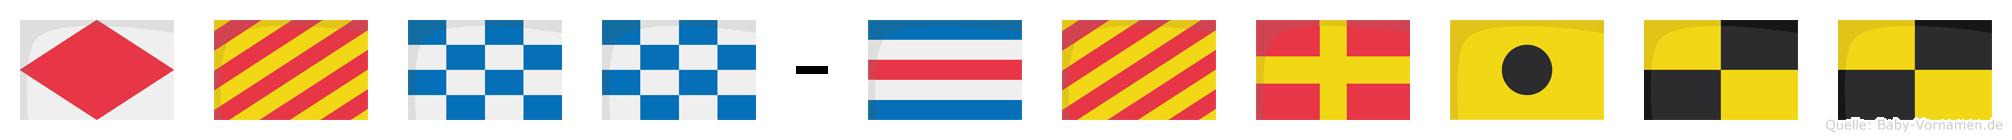 Fynn-Cyrill im Flaggenalphabet